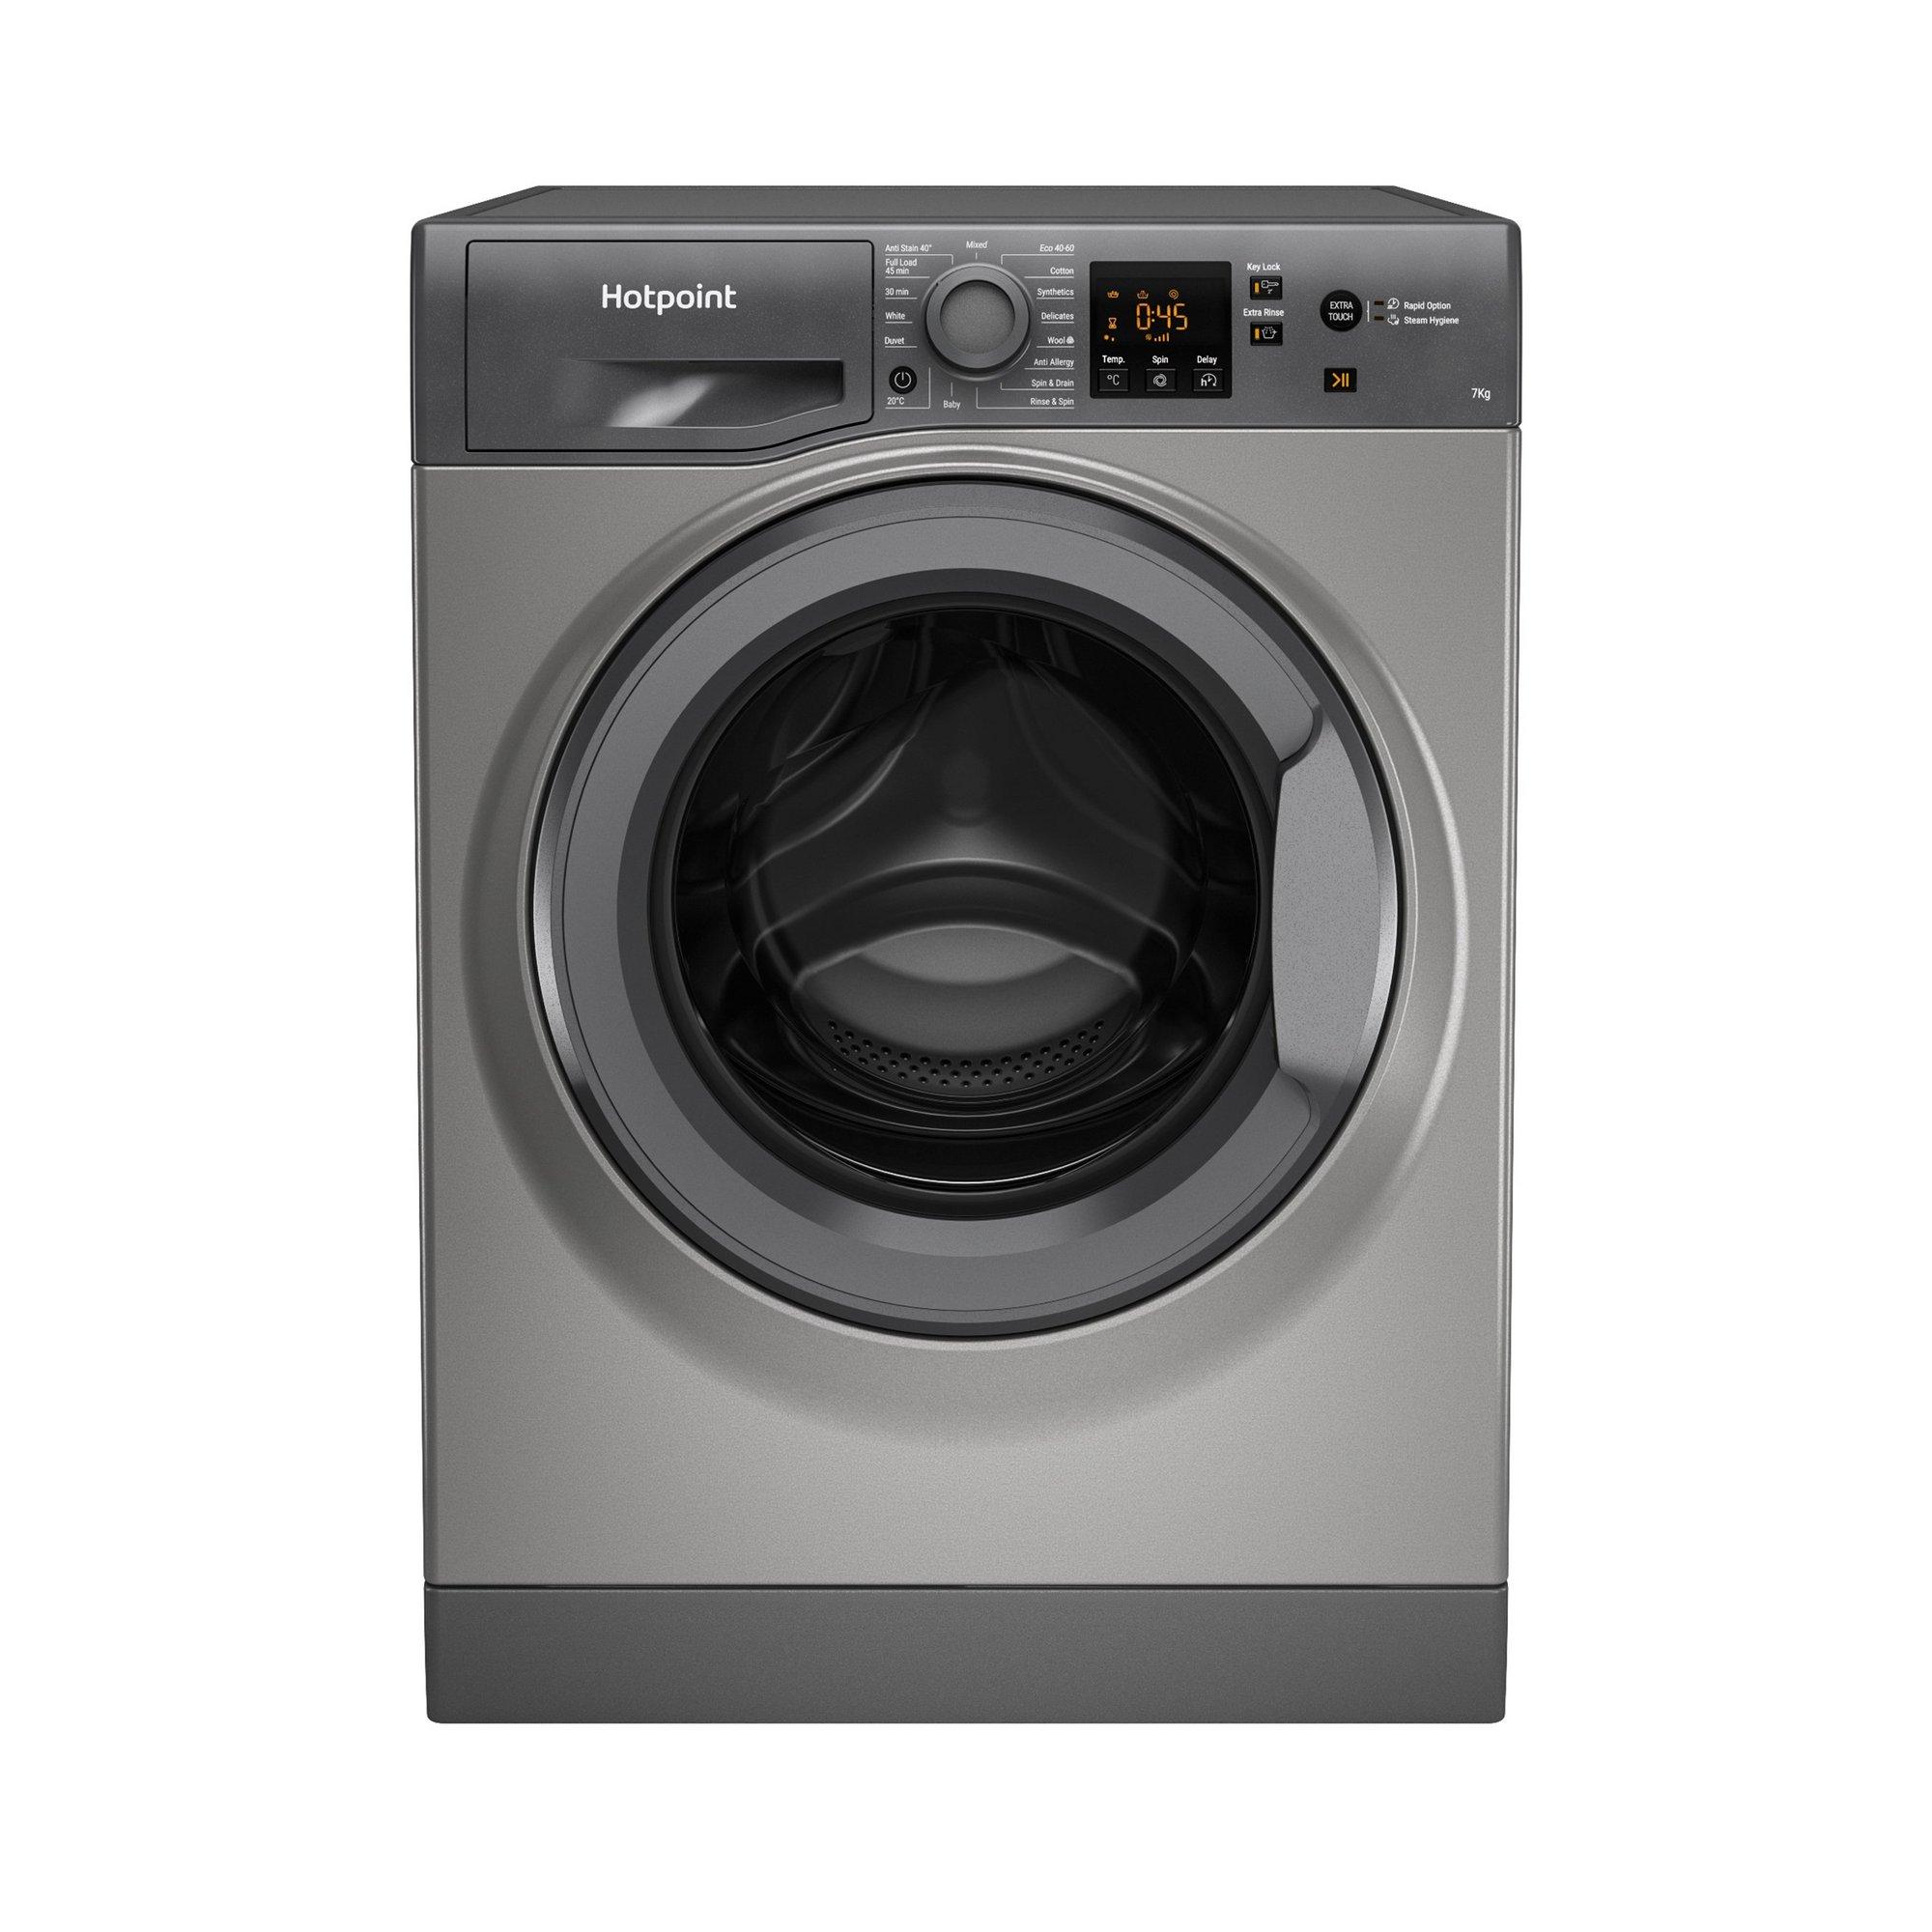 Image of Hotpoint 7kg Washing Machine